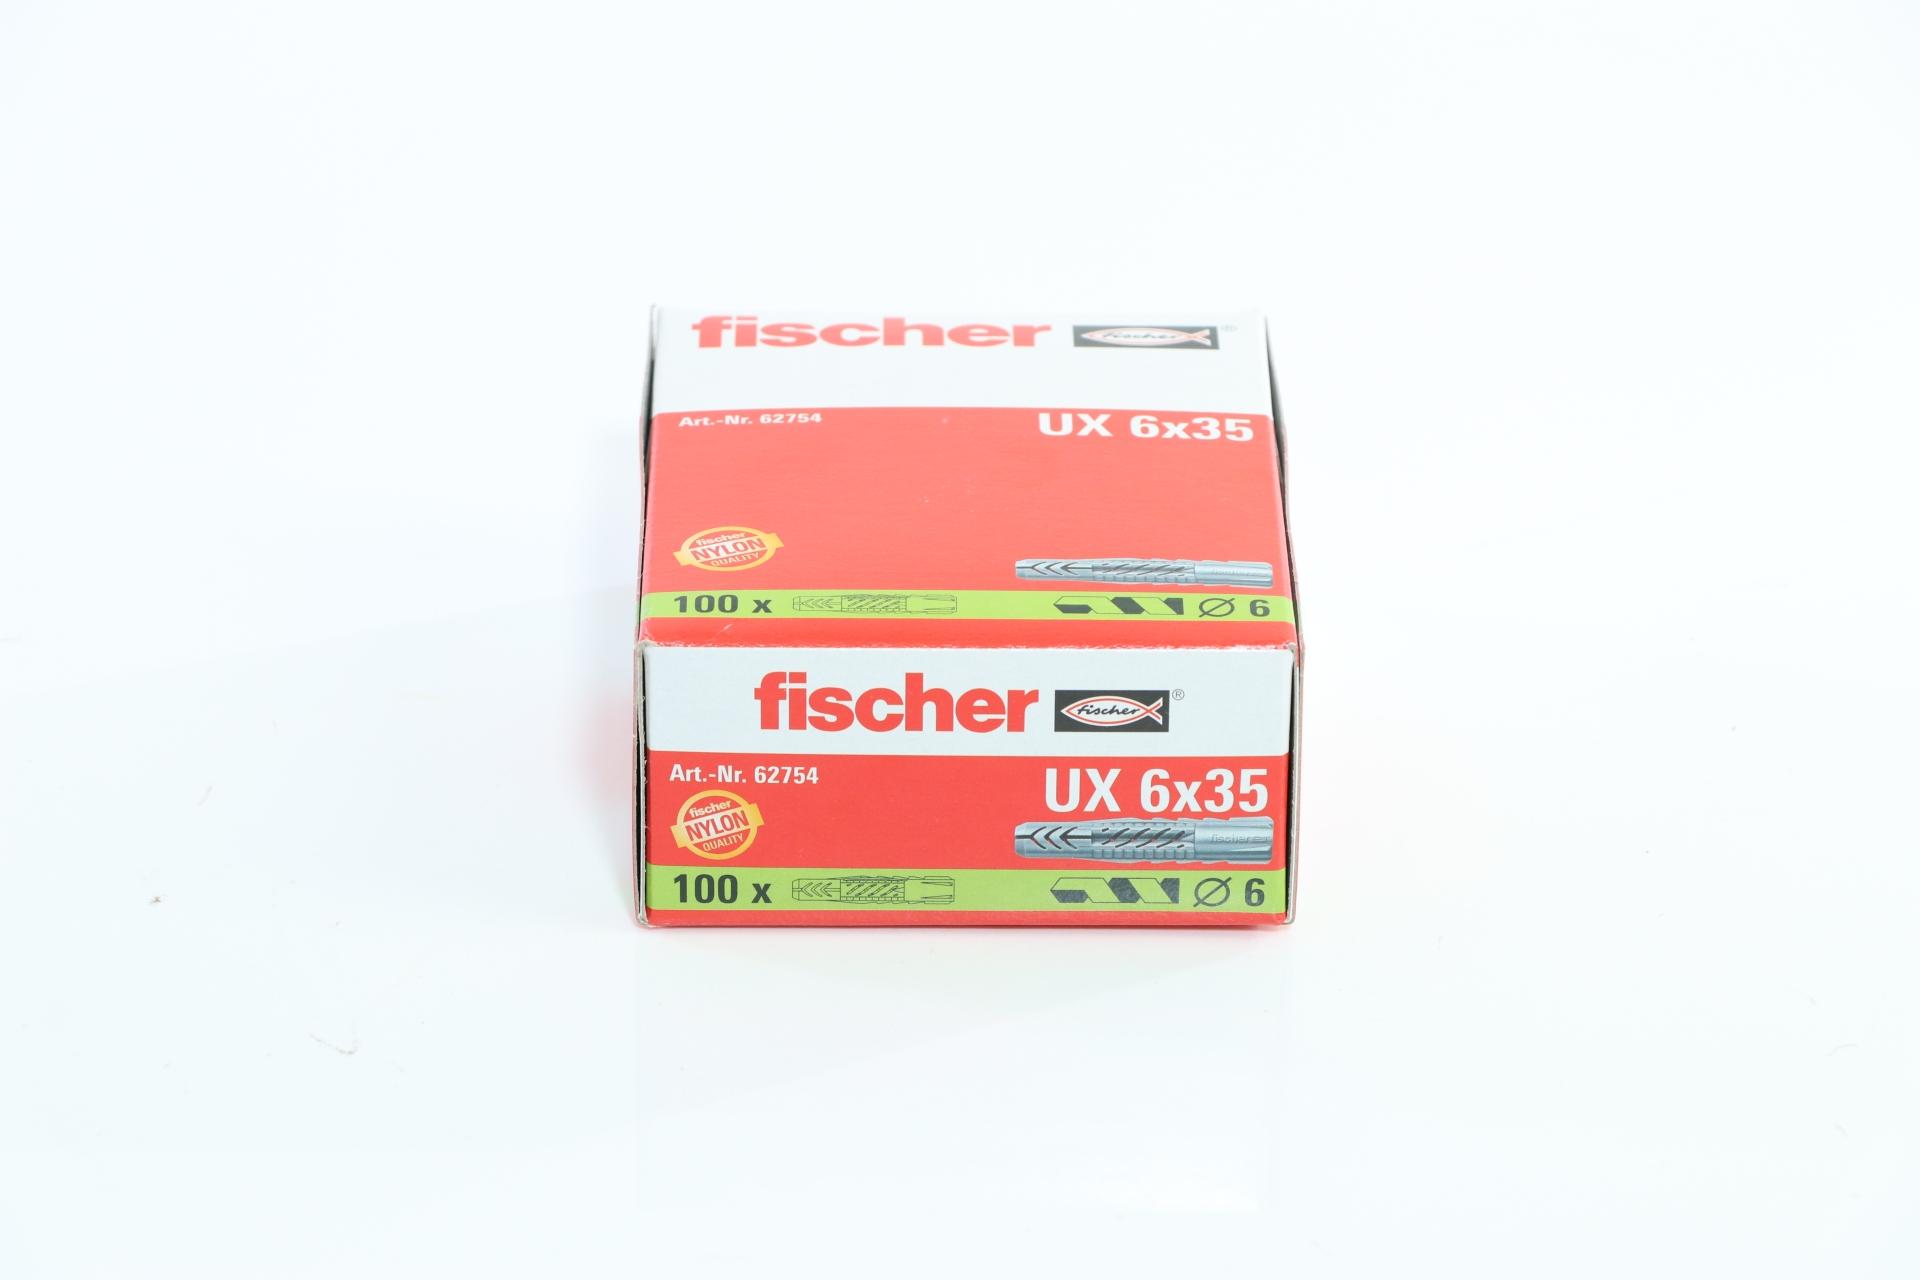 fischer Universaldübel UX 6 x 35, ohne Rand, 100 Stück